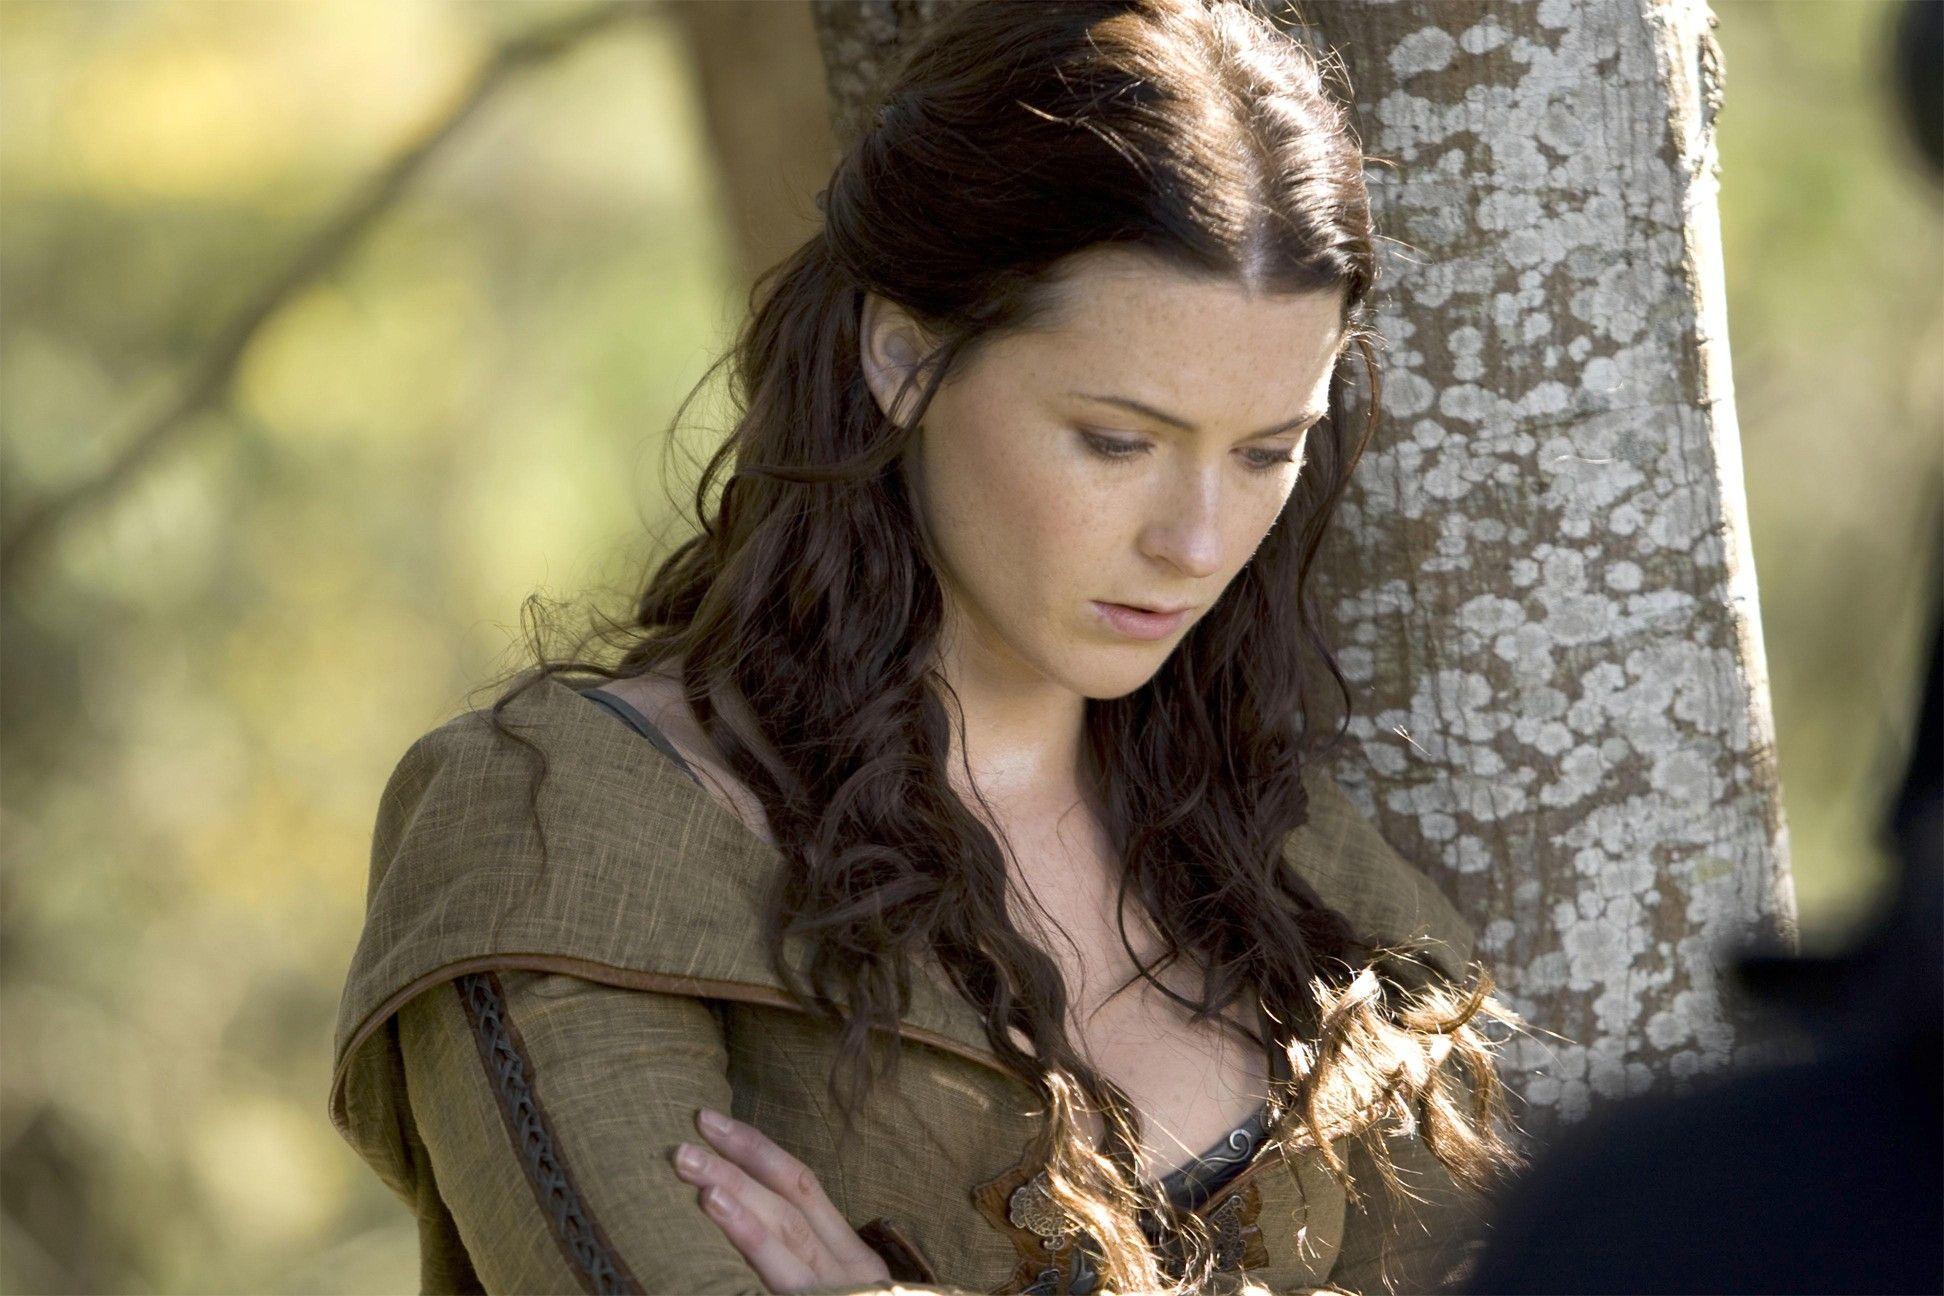 kahlan amnell | Legend of the Seeker | Bridget regan ...